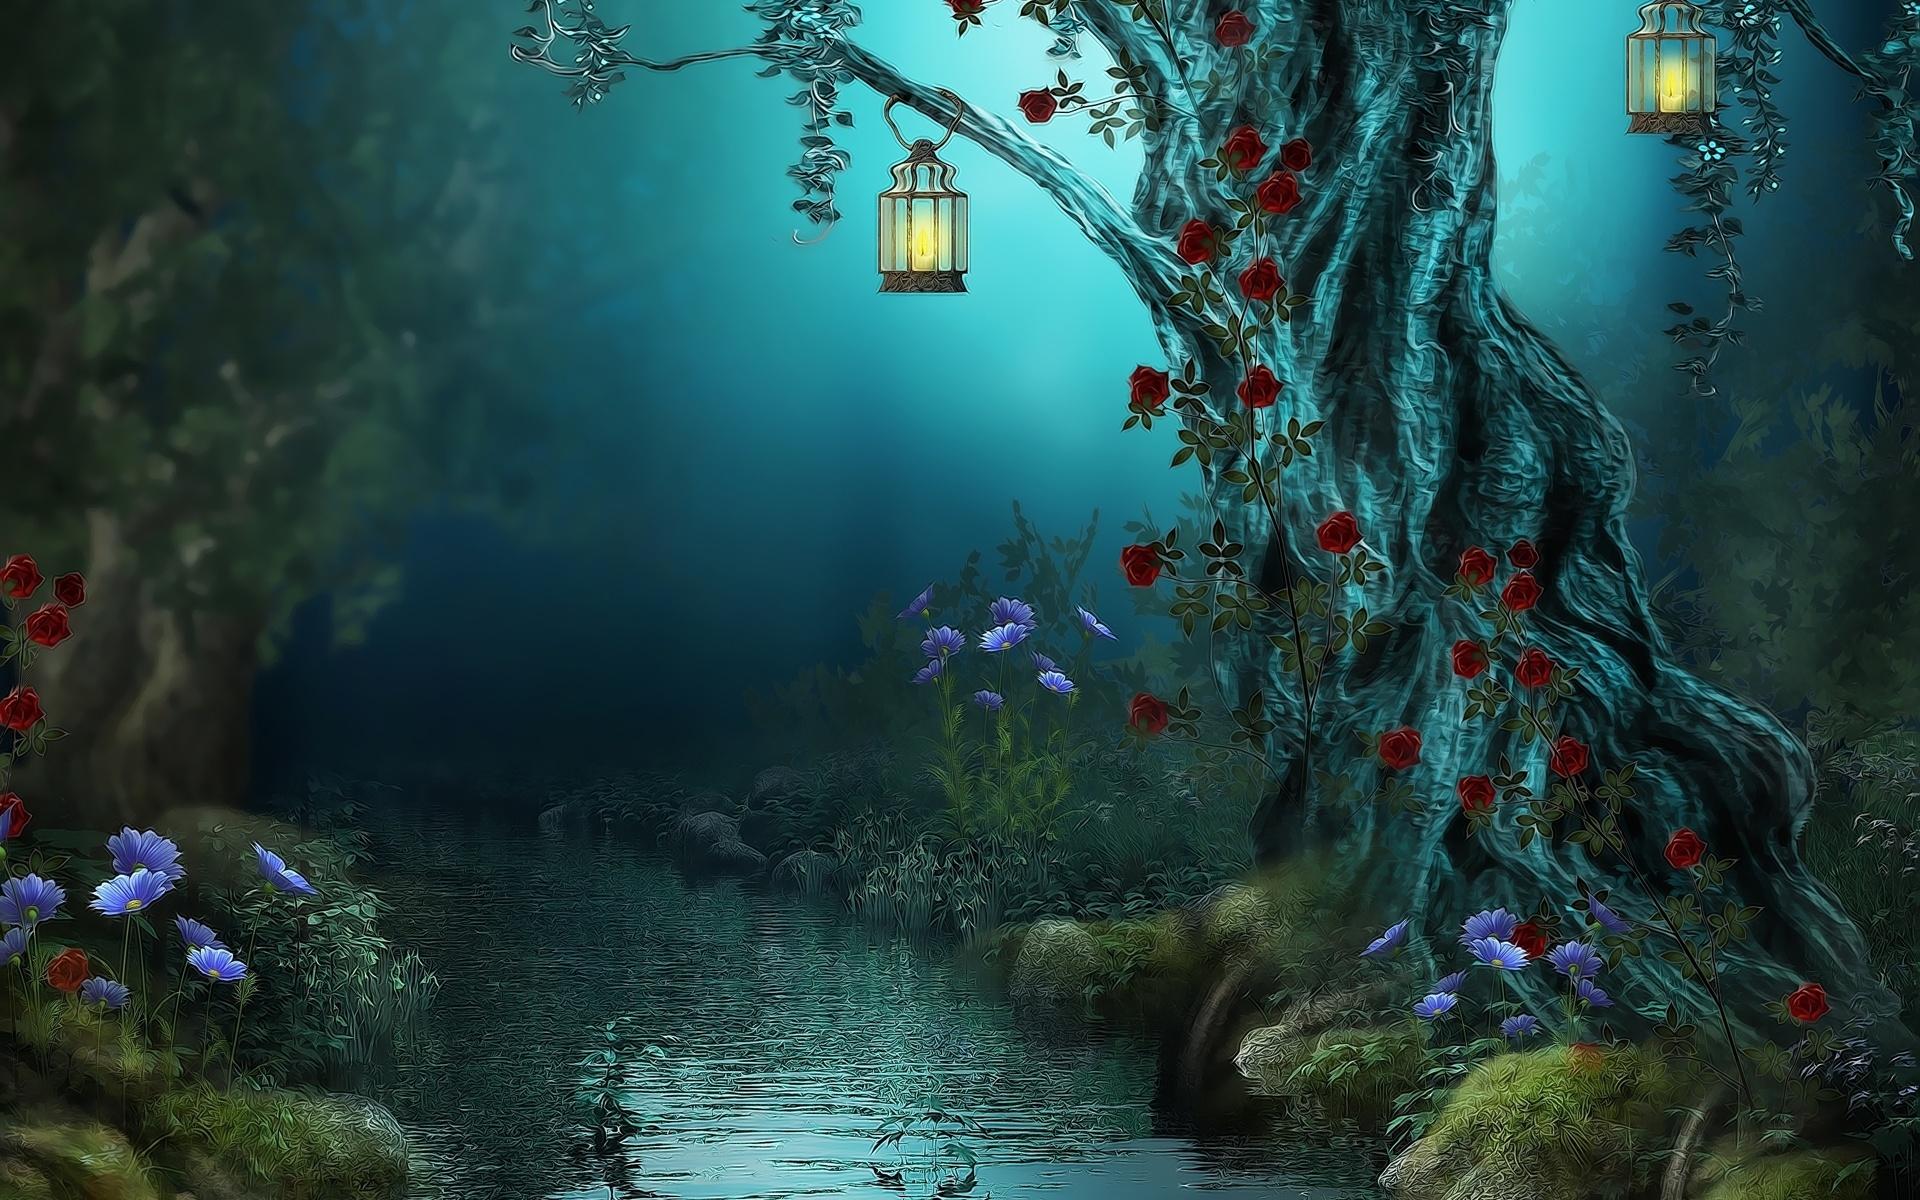 бондаревский красивые магические картинки с хорошим разрешением килограмм